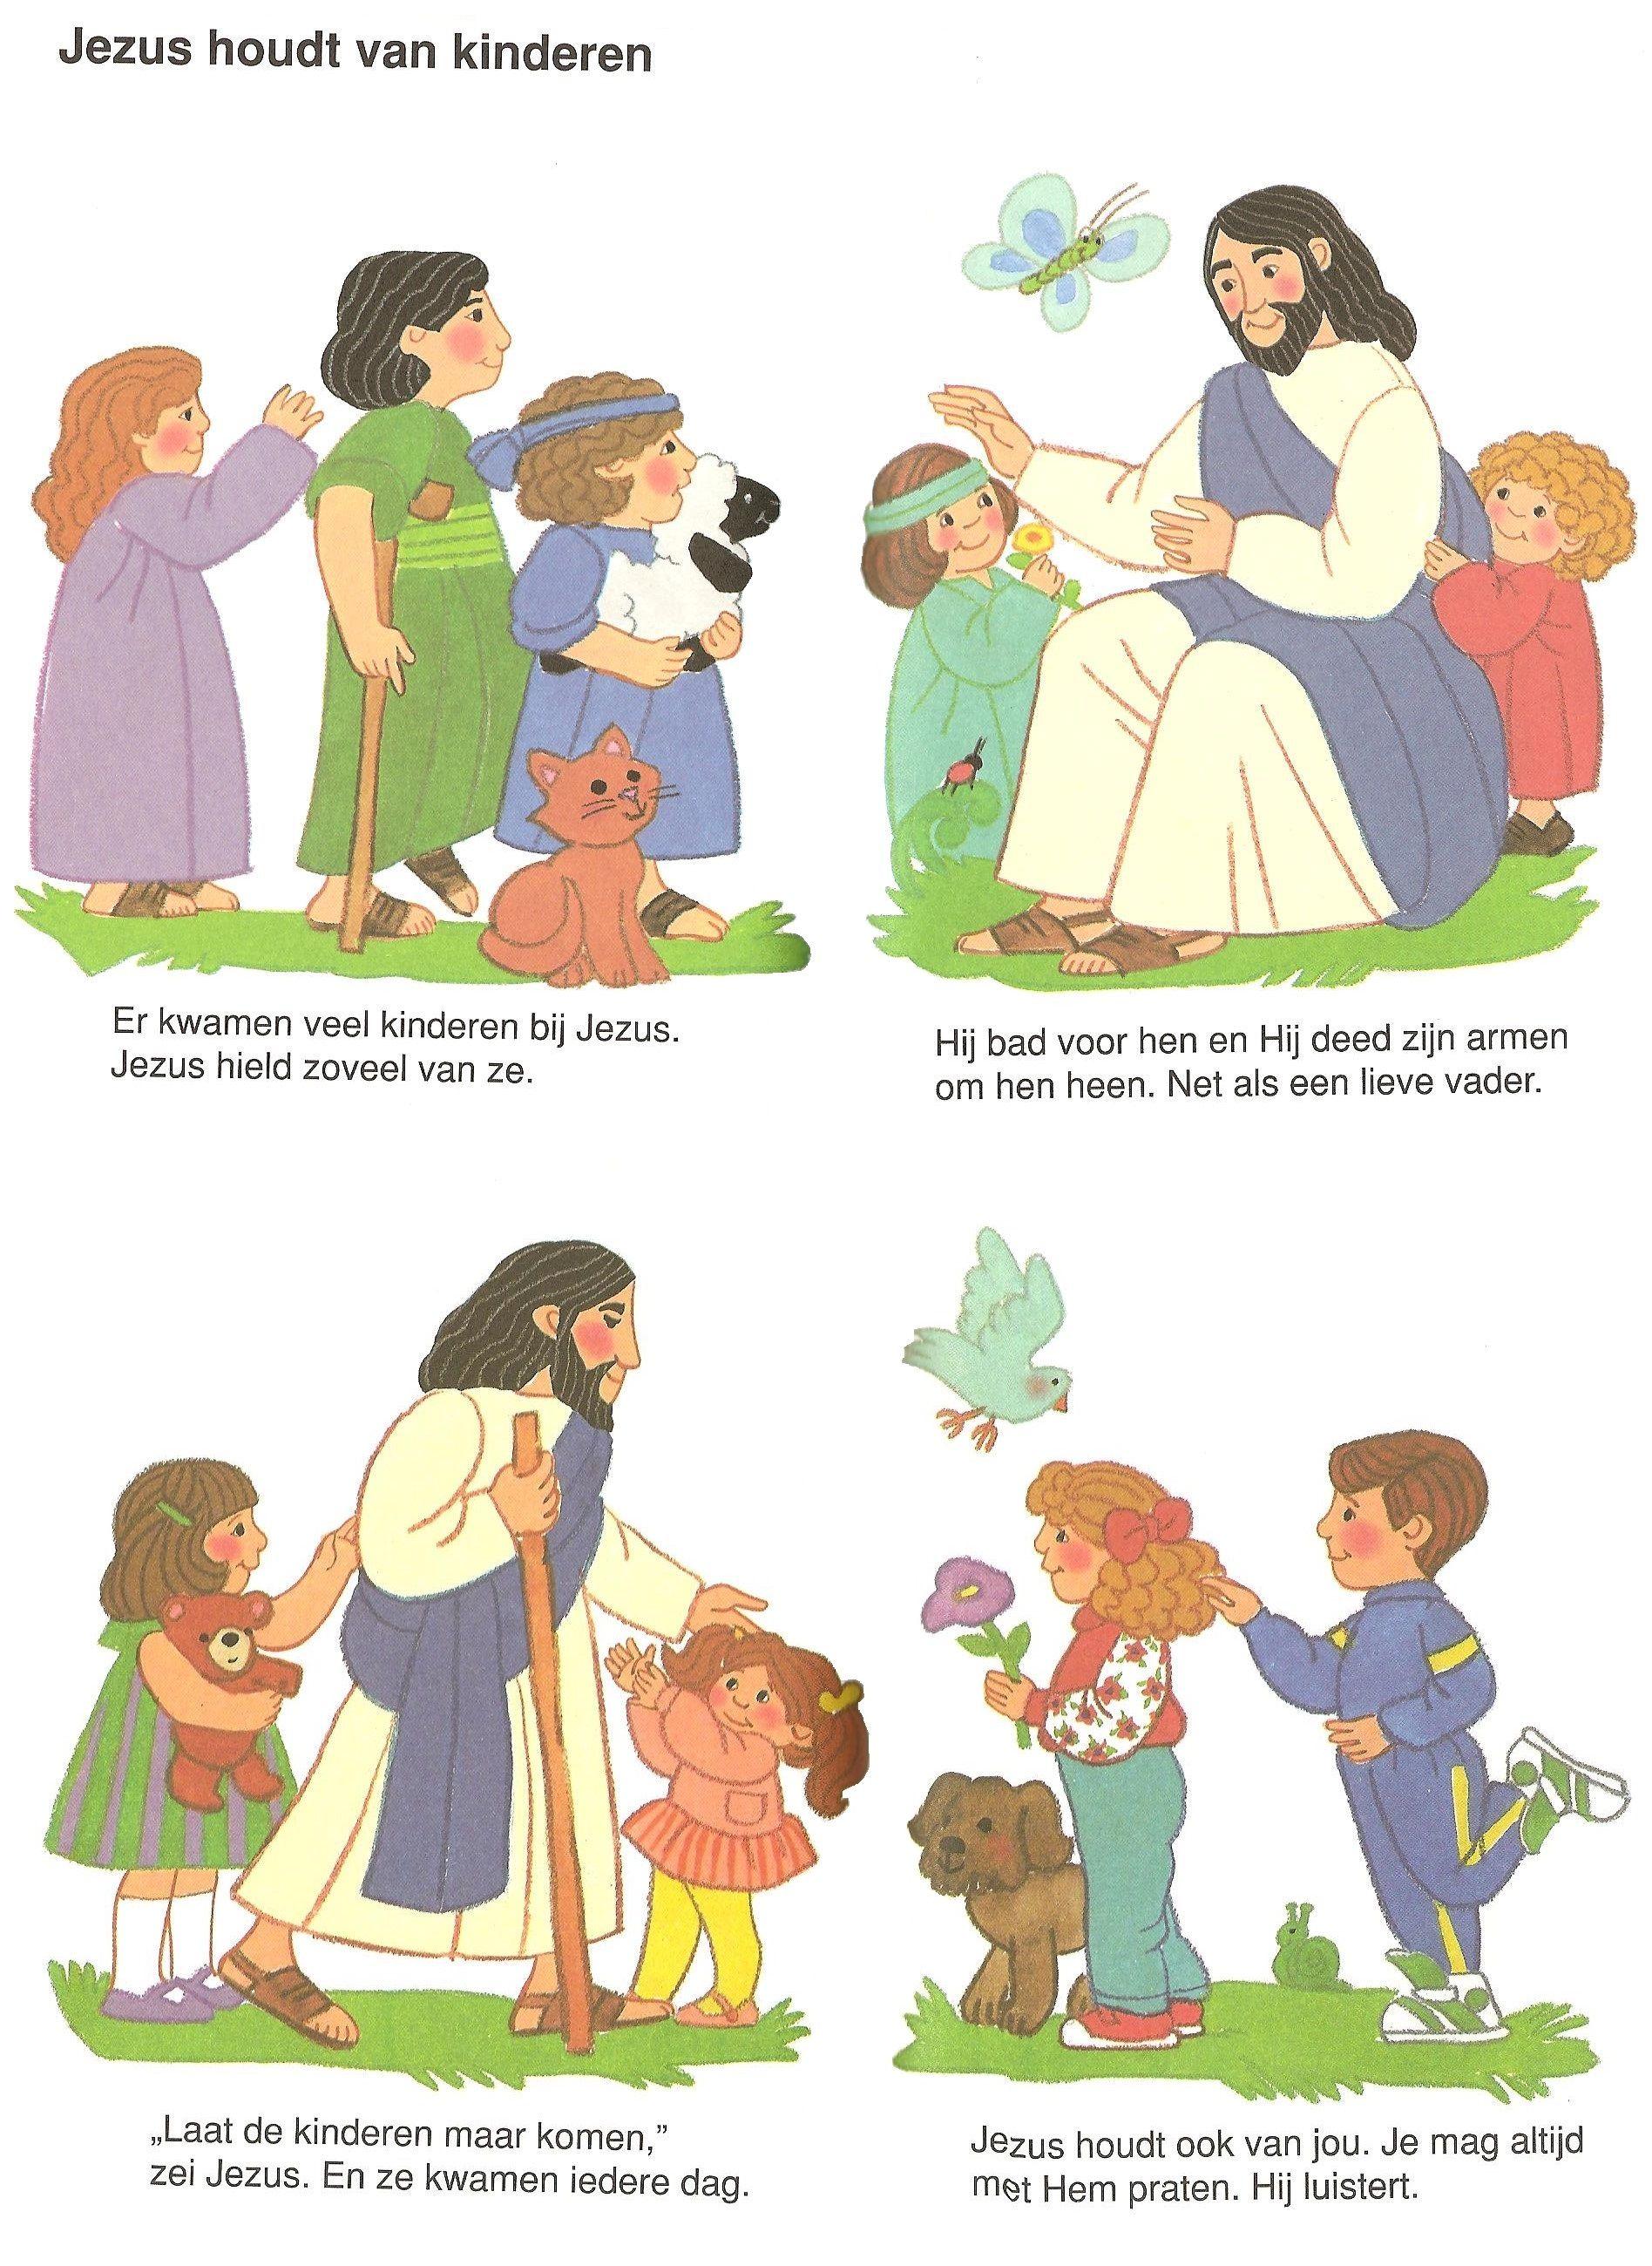 jezus houdt kinderen peuterbijbel